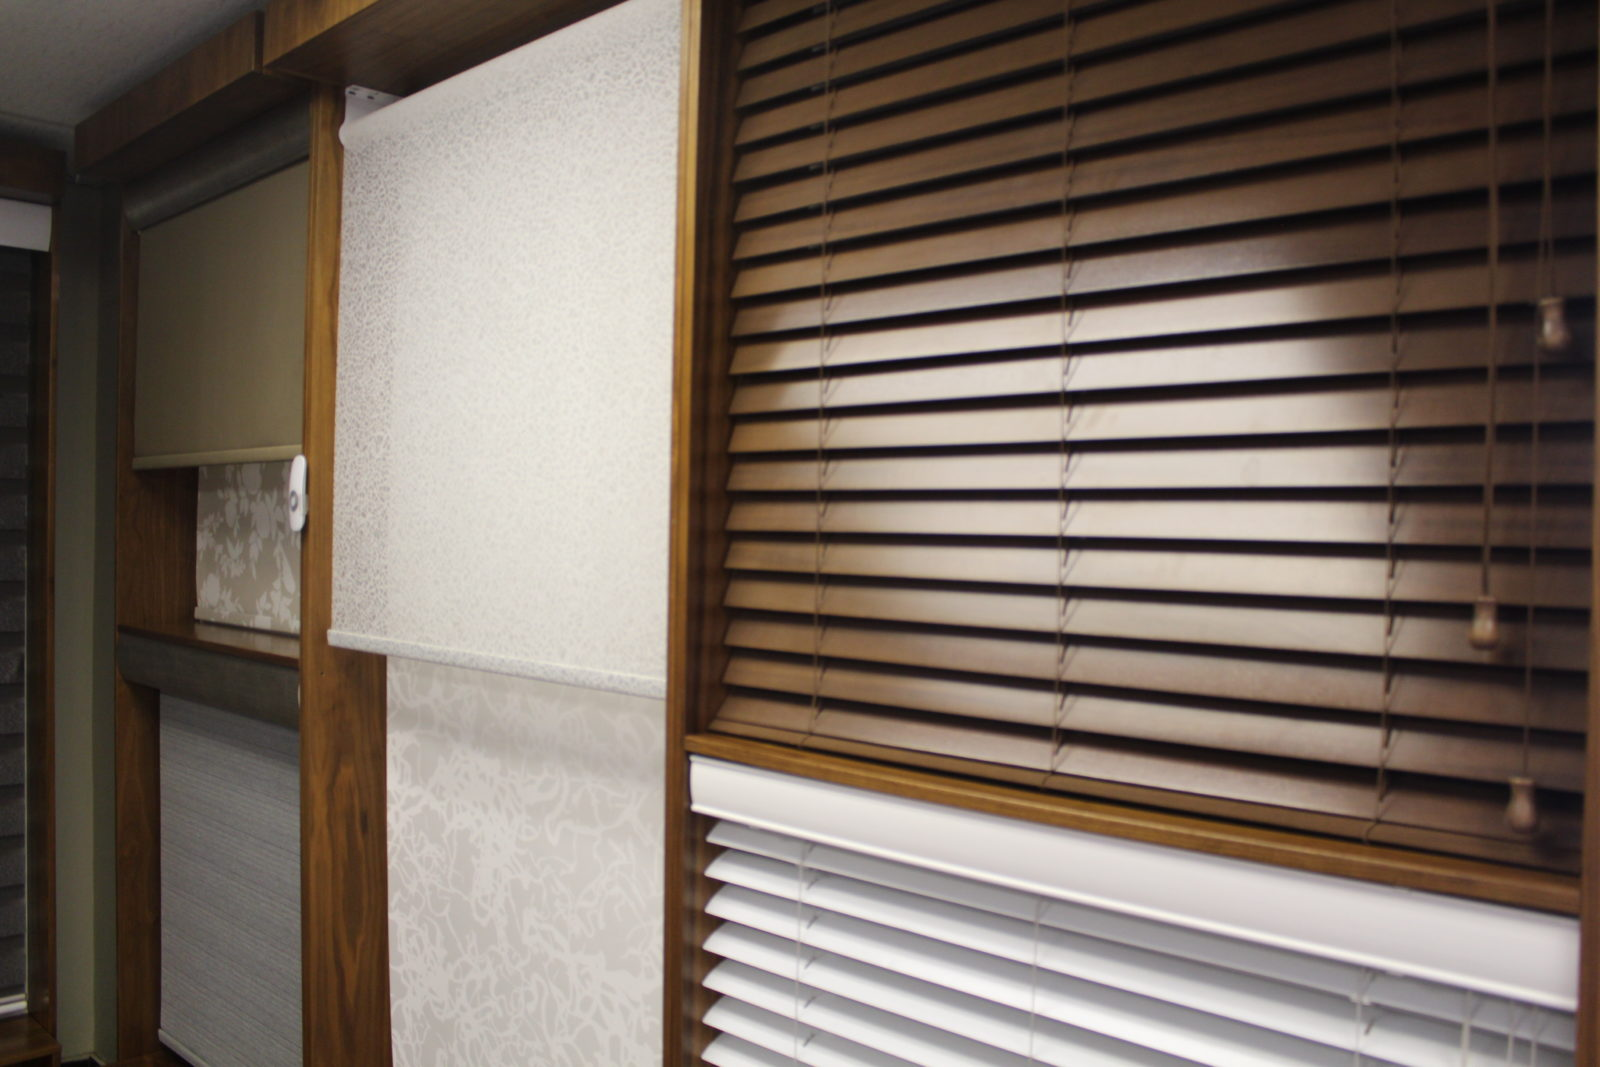 of east a division wooden pretoria dekor blinds cleaner